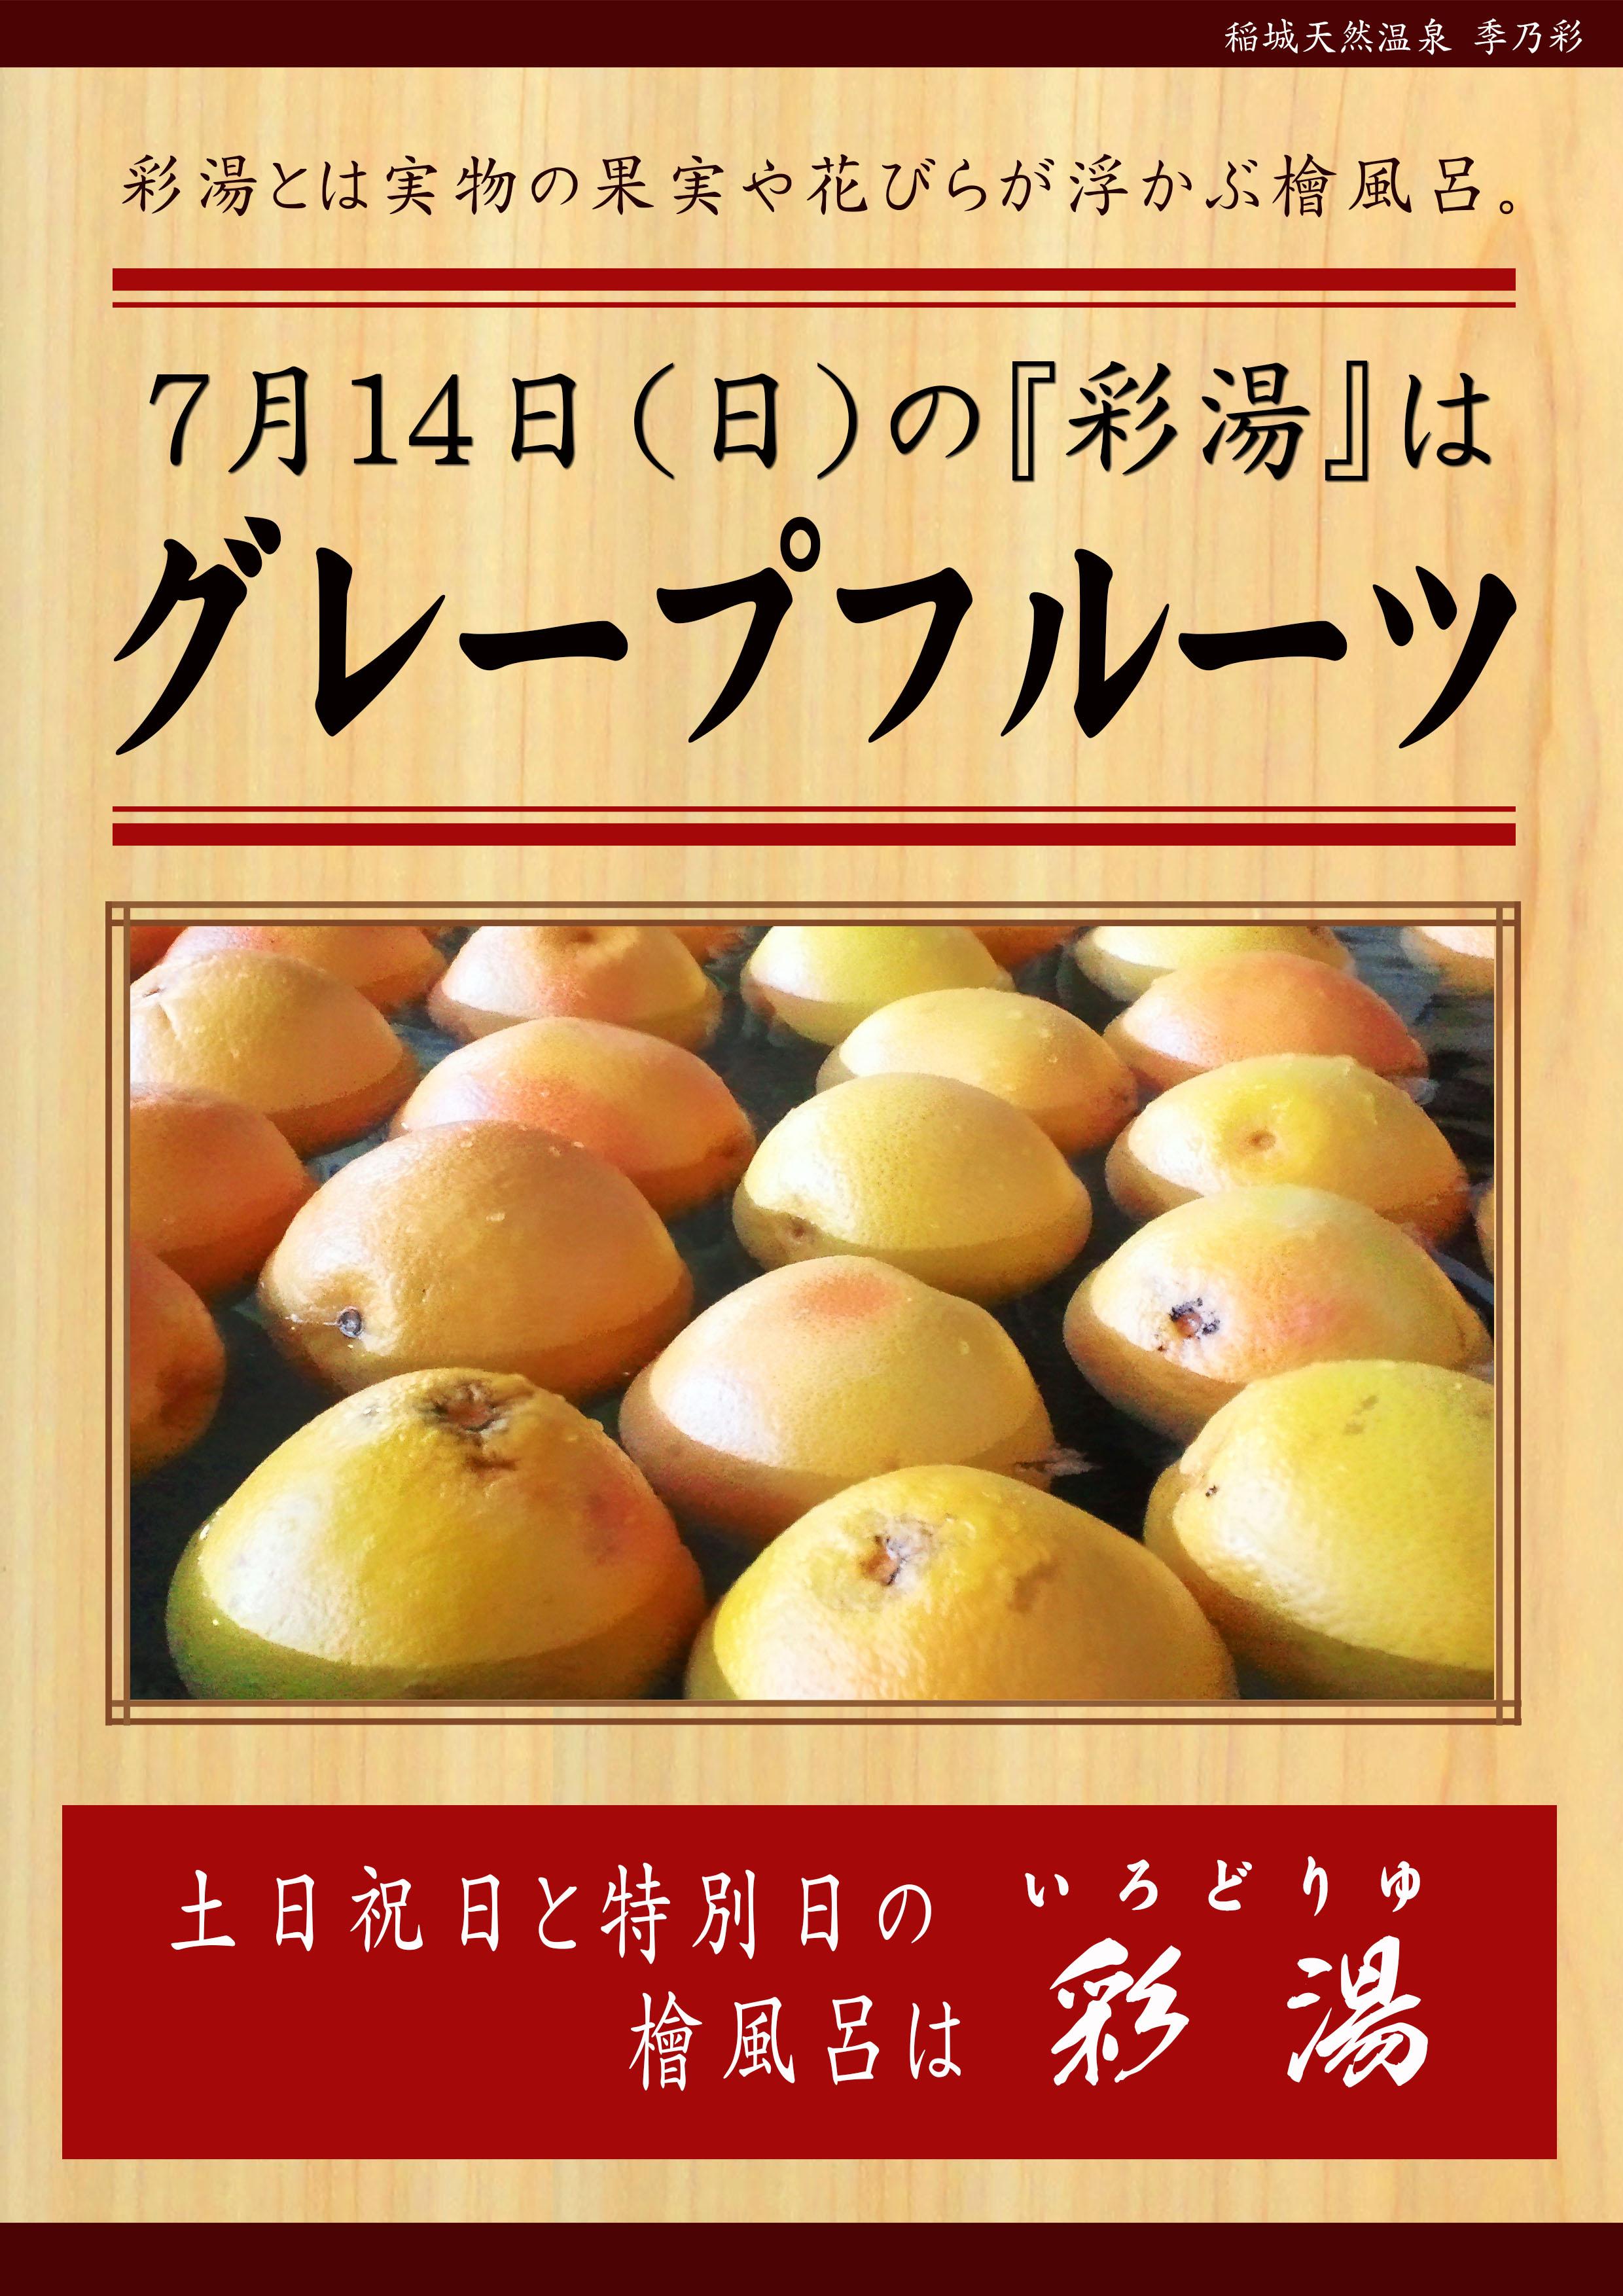 190714 彩湯 グレープフルーツ